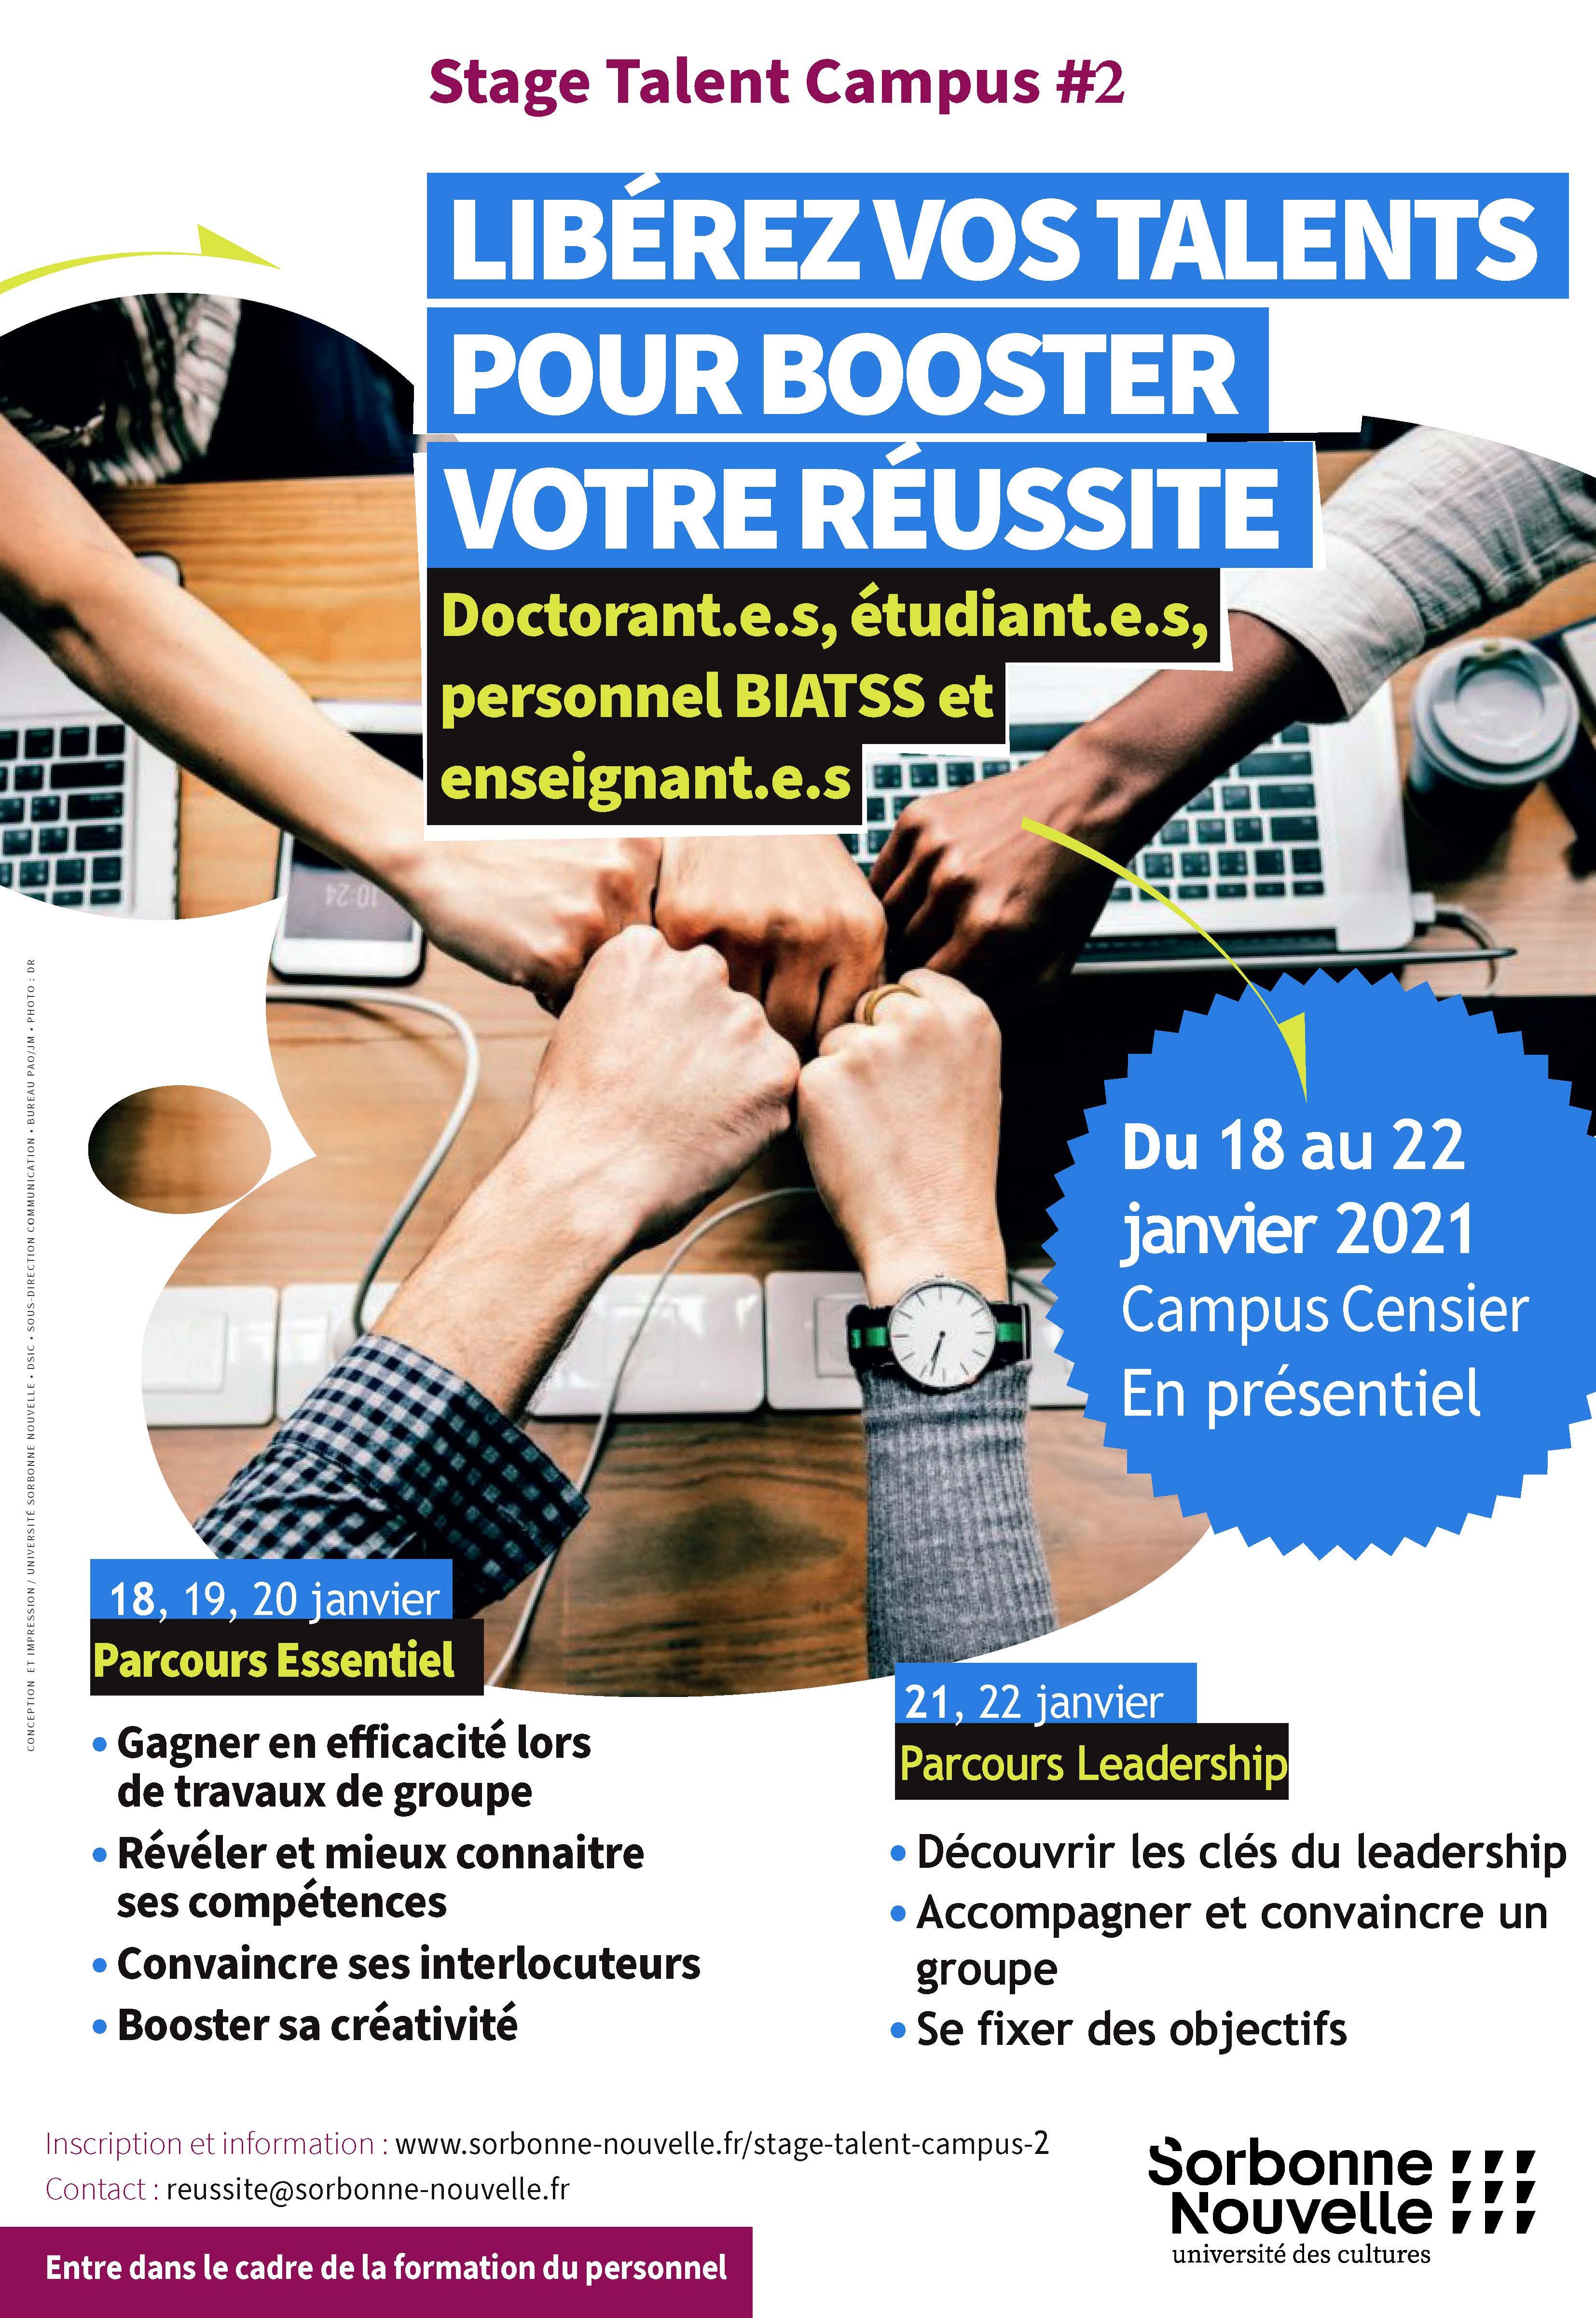 Stage Talent Campus du 18 au 22 janvier 2021